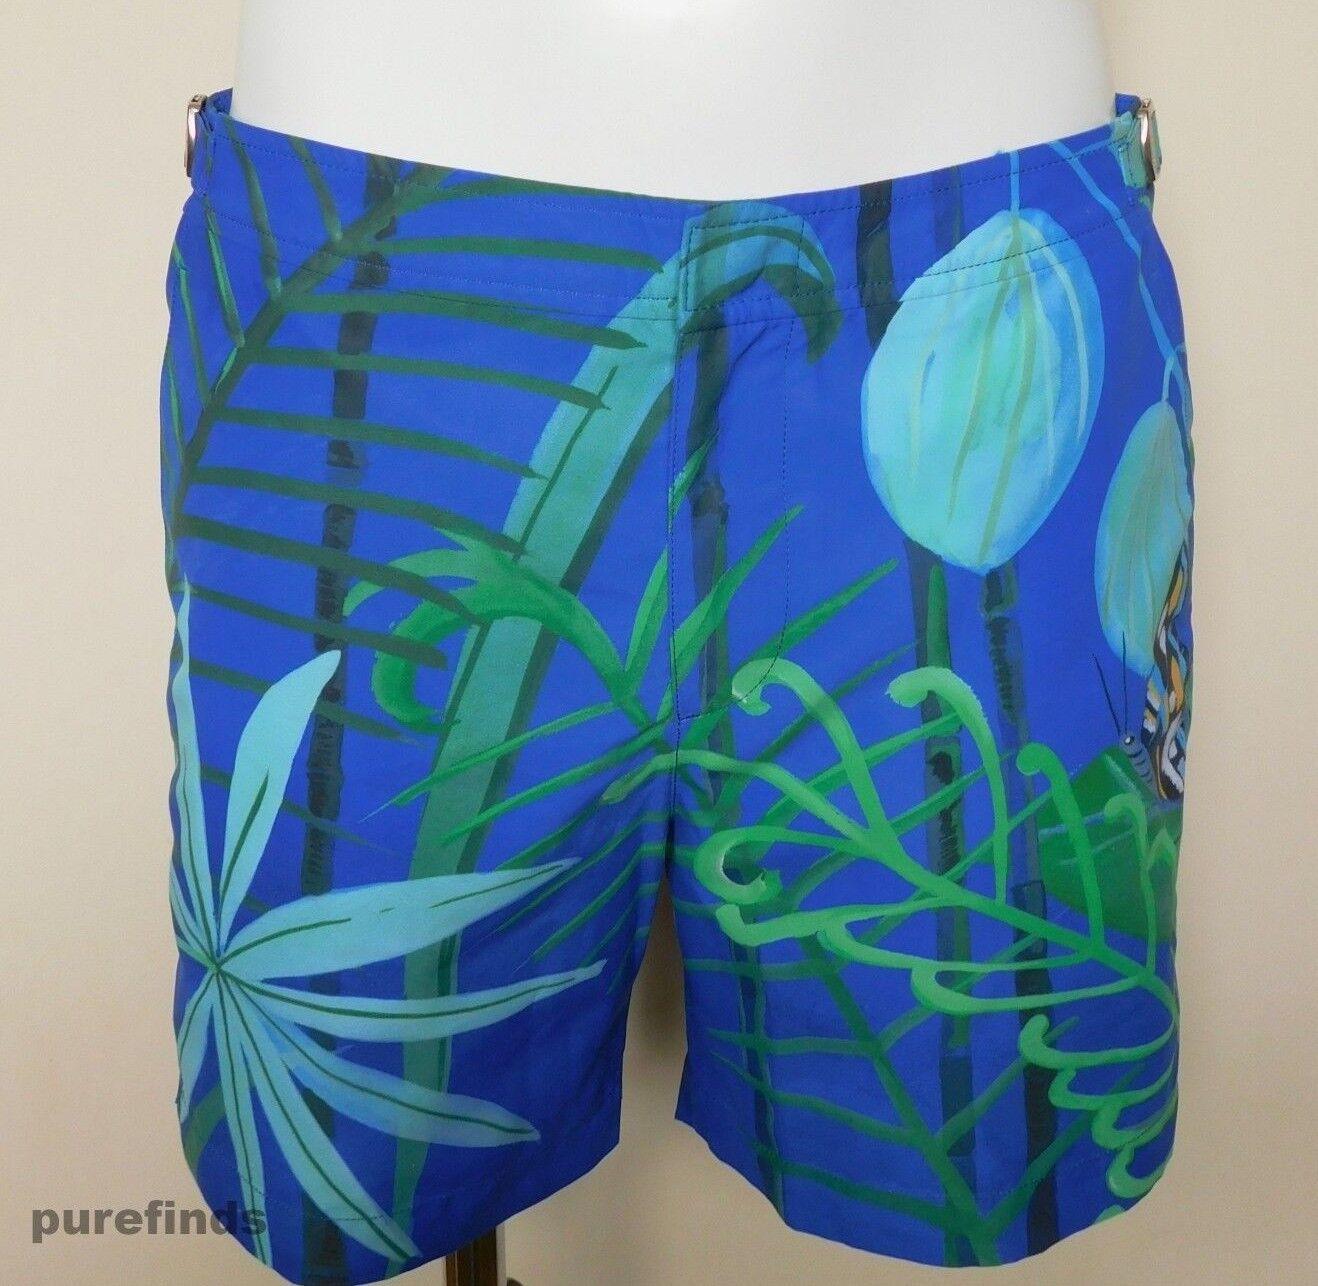 ORLEBAR Marronee Bulldog Konstantin Taglia 34 Swim Pantaloncini colore Midnight Monarch Nuovo con etichette